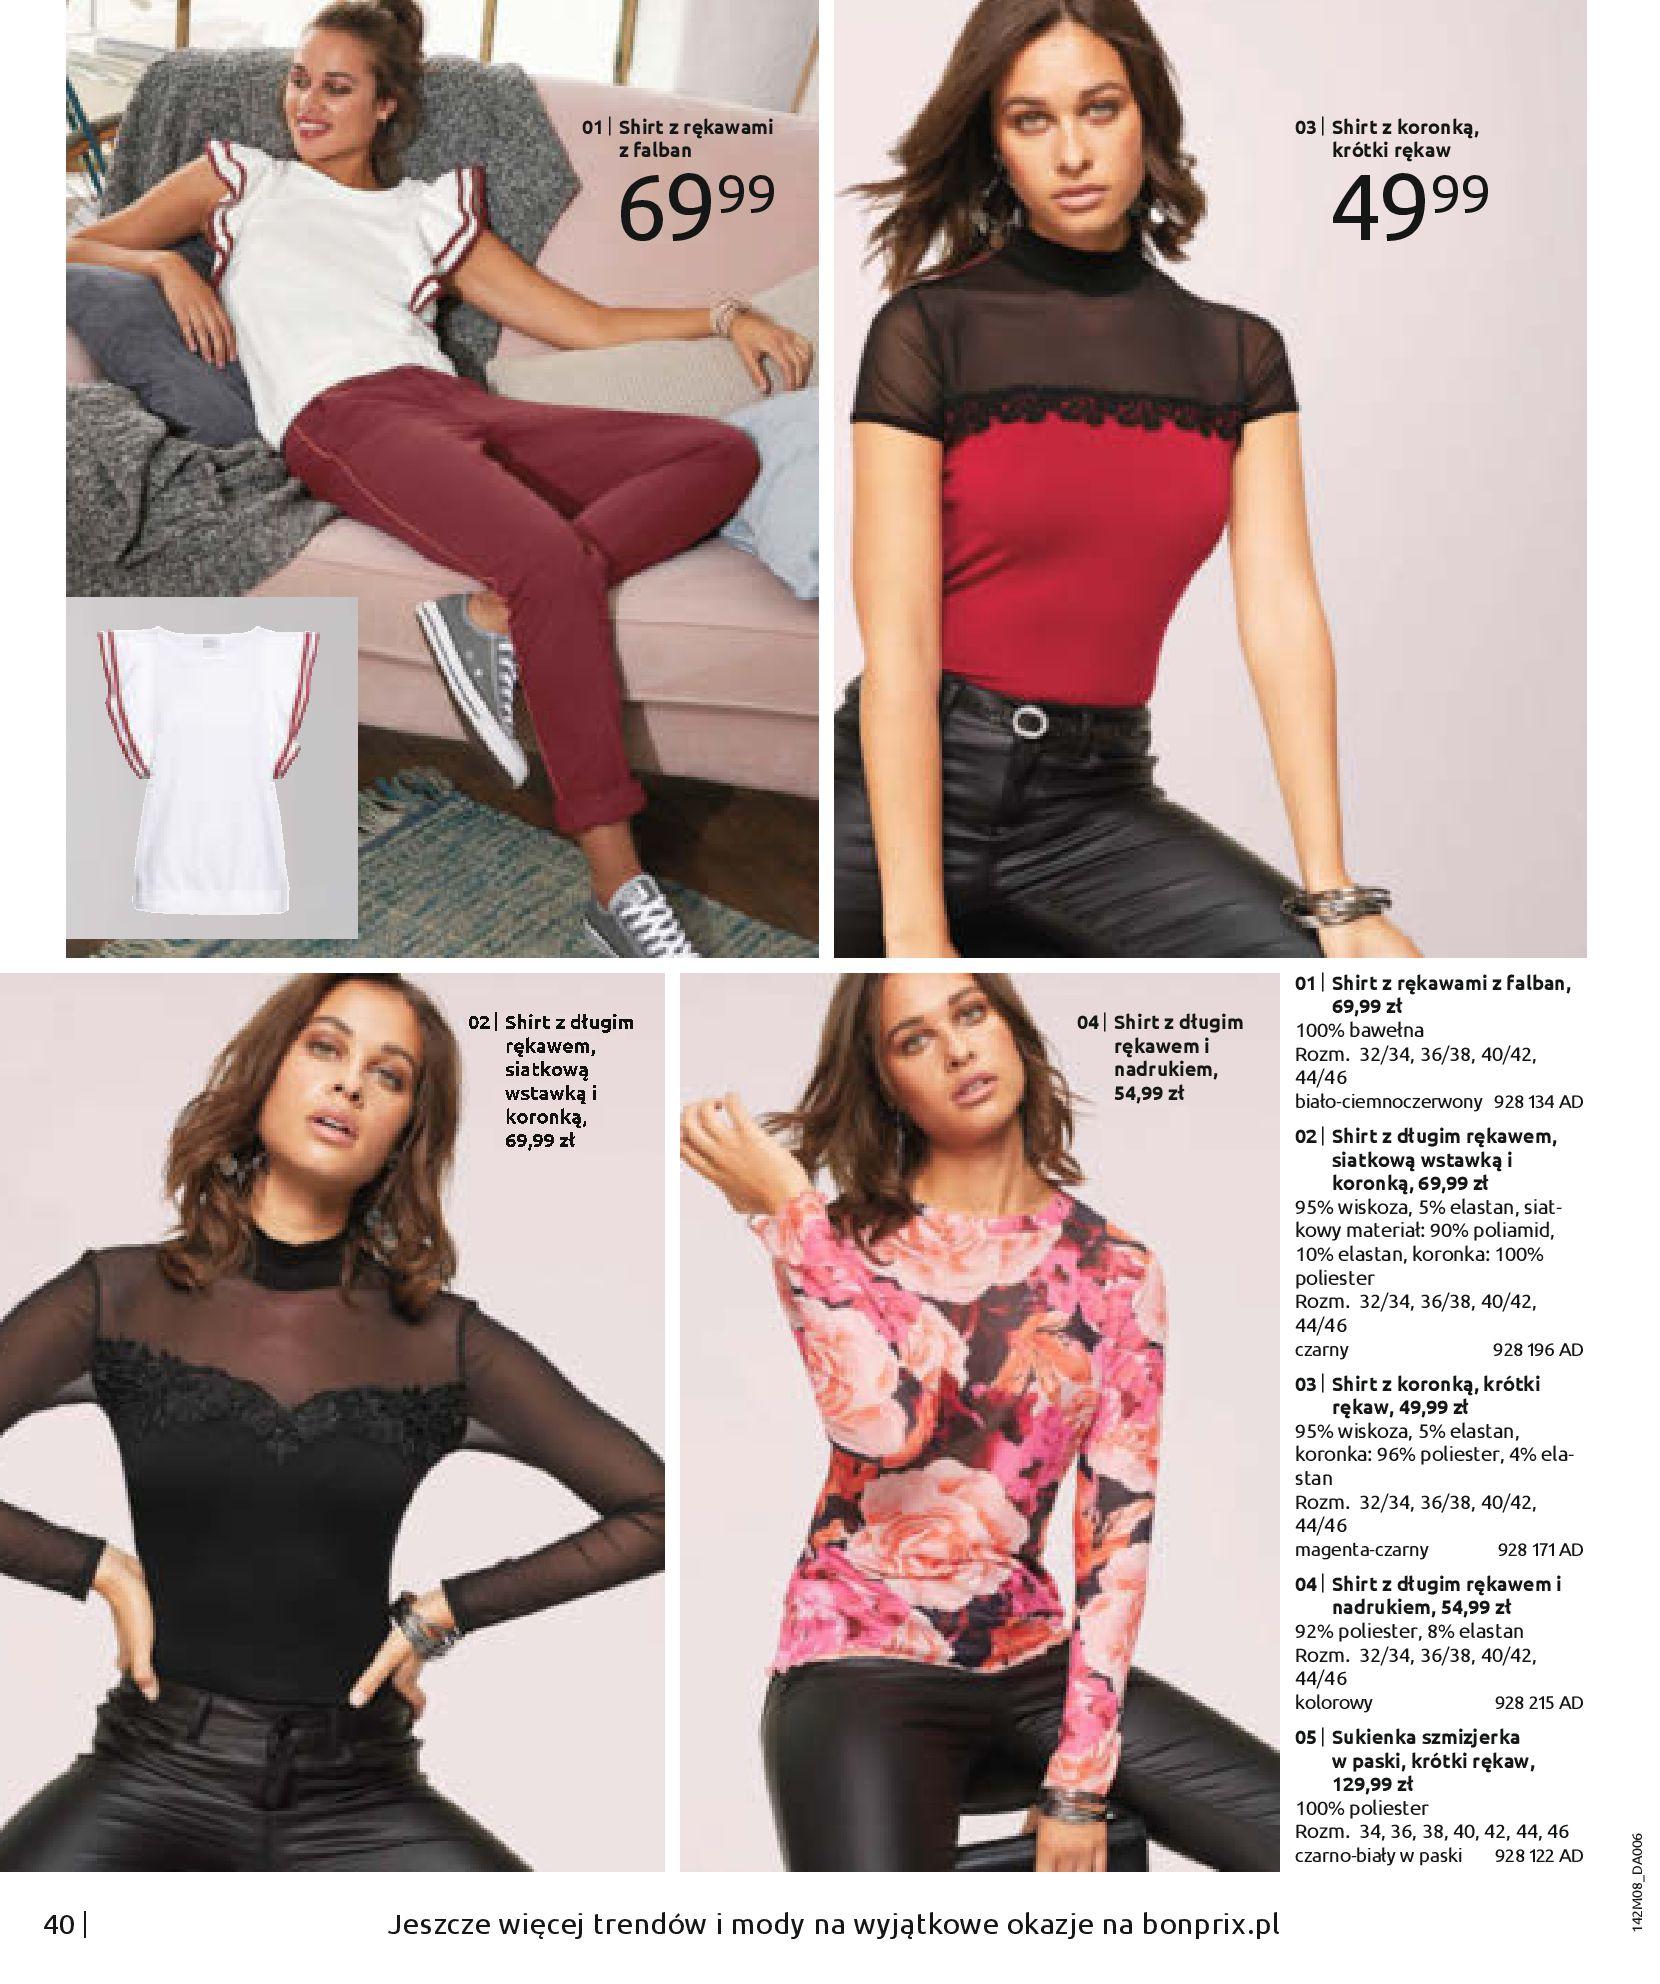 Gazetka Bonprix - Hity dżinsowej mody!-25.08.2020-10.02.2021-page-42